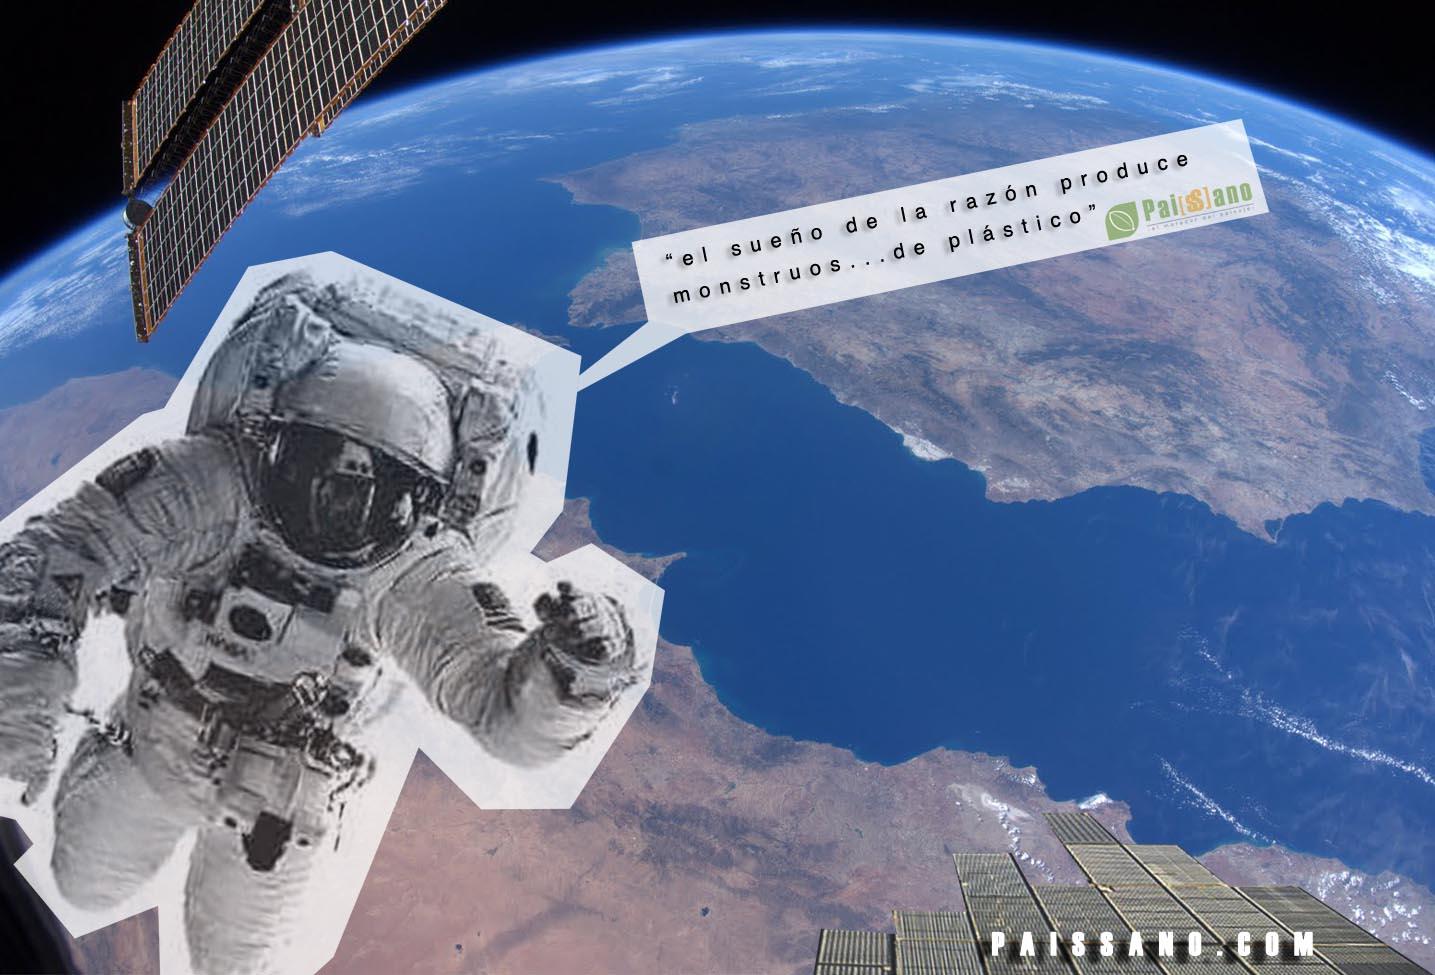 Un mar de Plástico, el paisaje desde el espacio